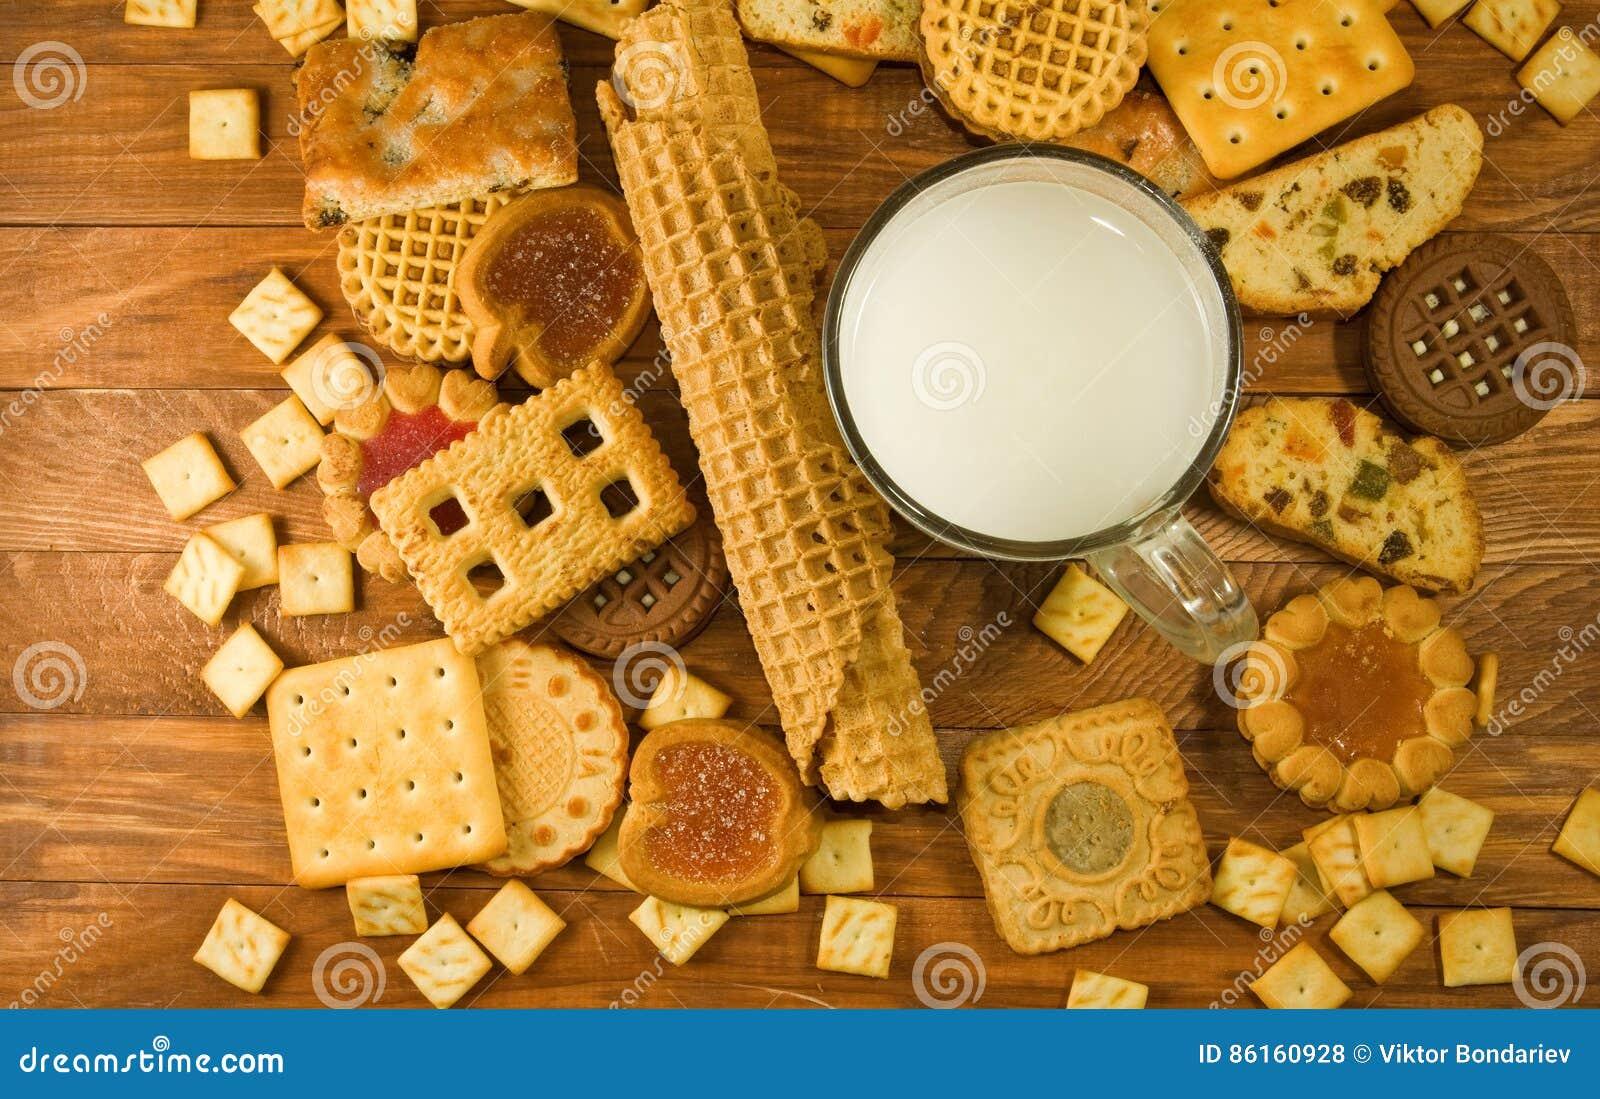 Muitas cookies deliciosas e leite no close-up da tabela